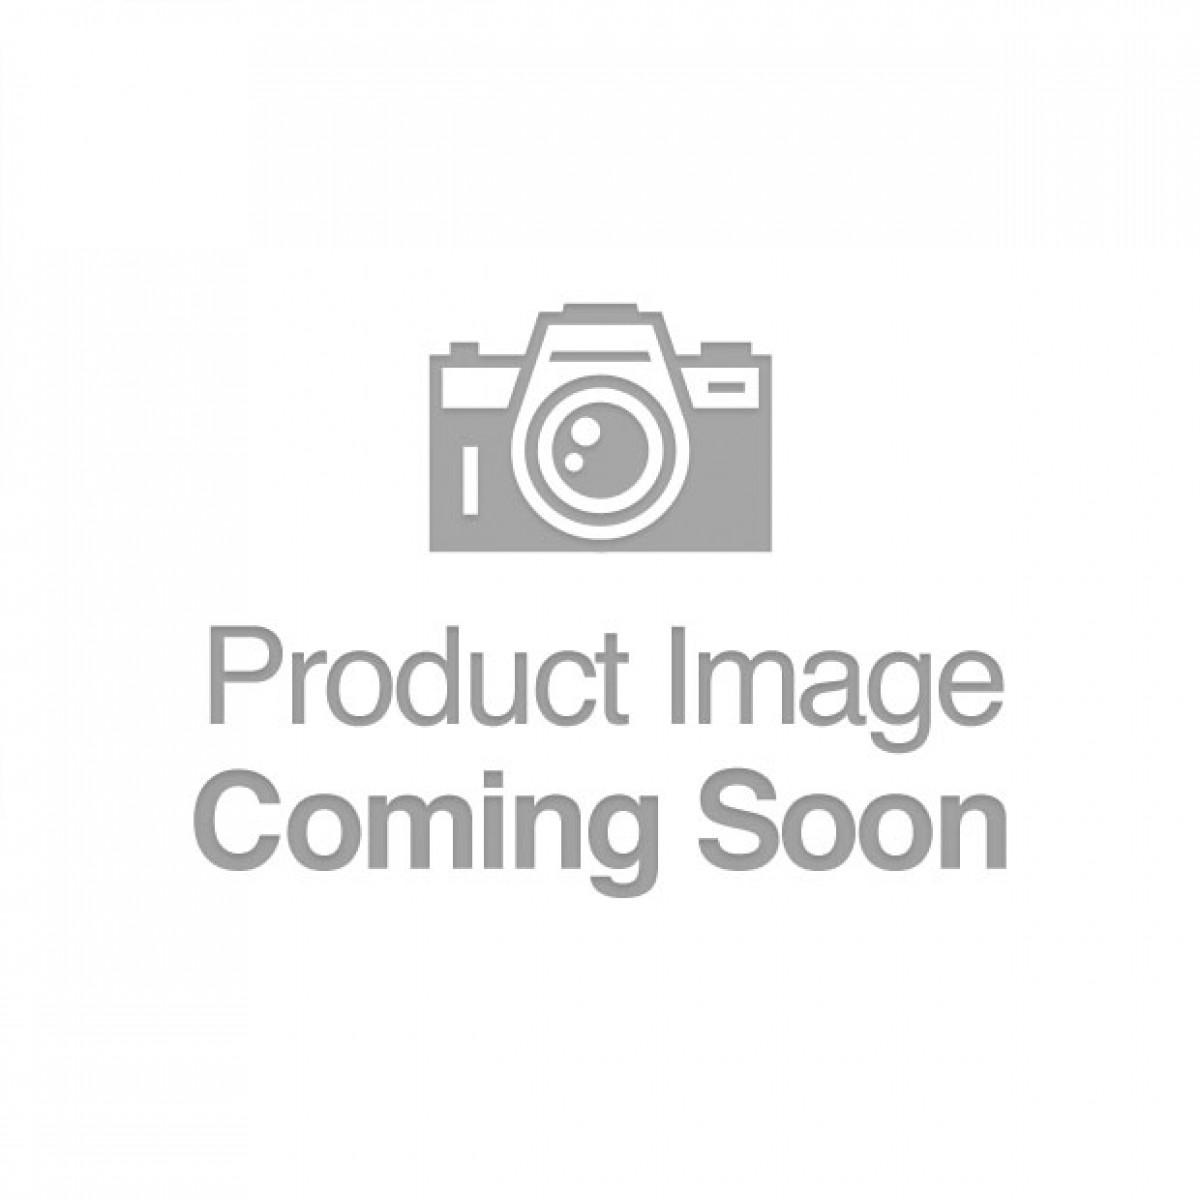 Dorcel P-Swing Twisting Prostate Massager - Black